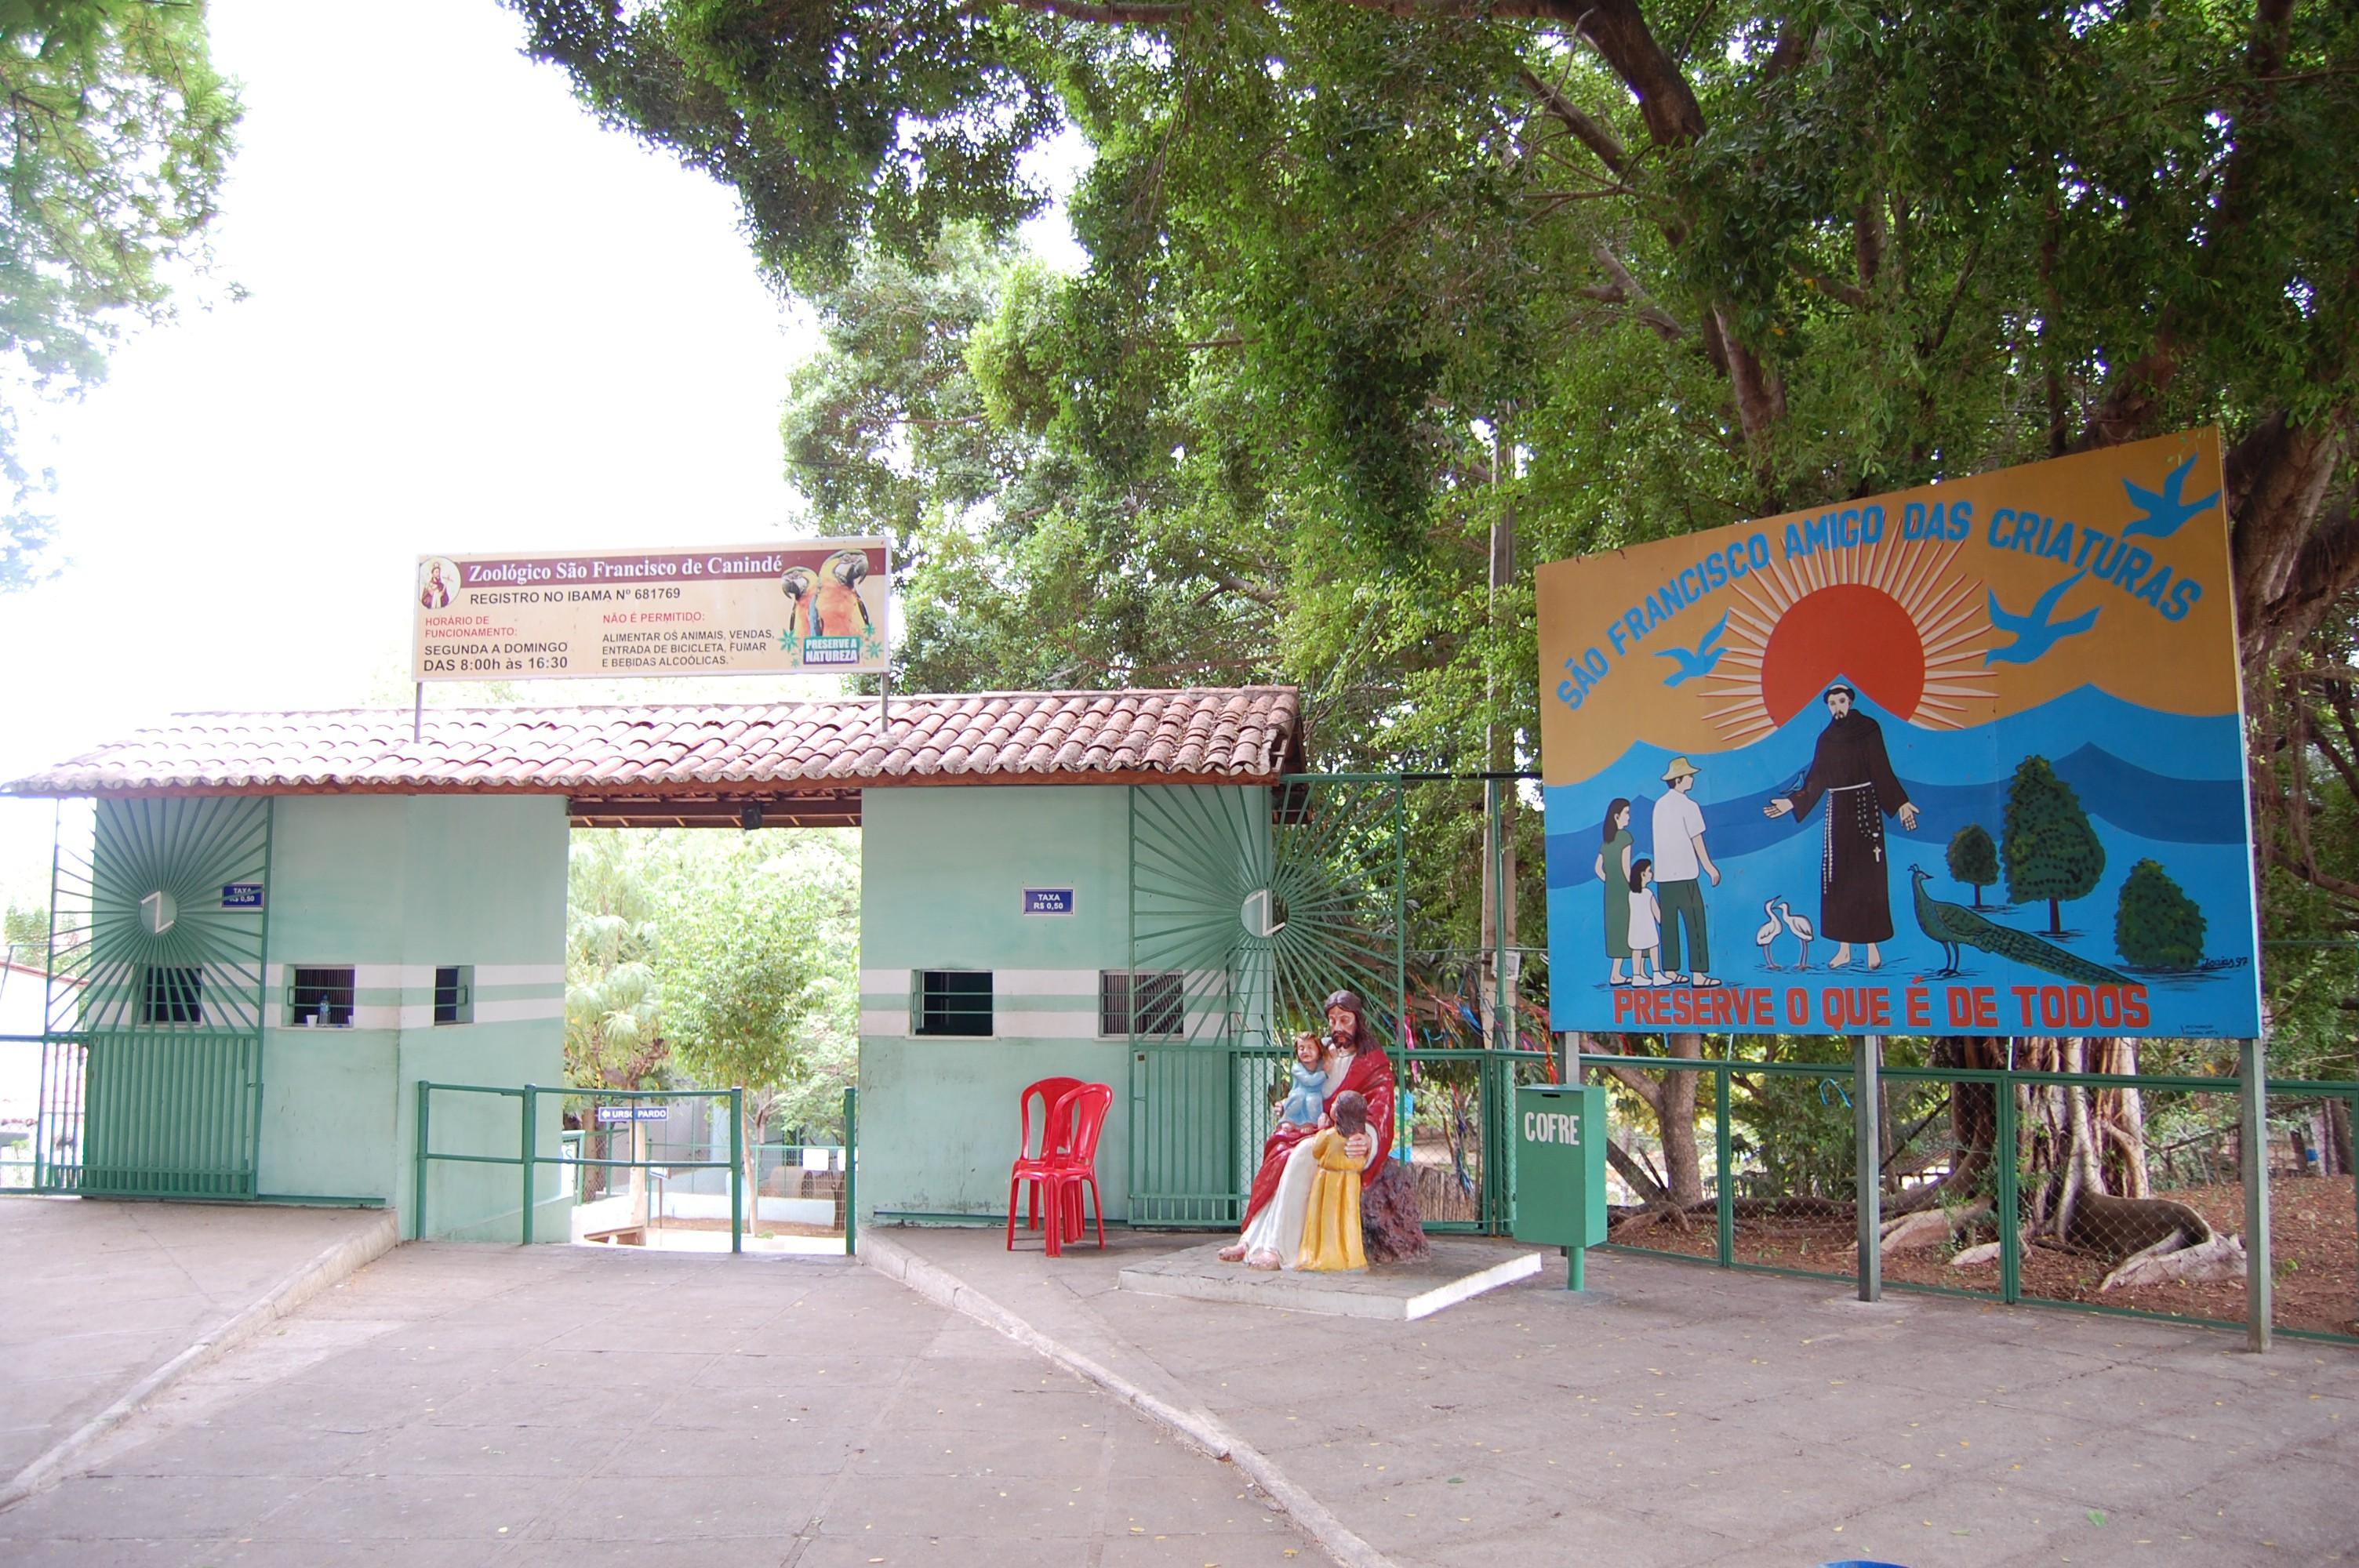 Portaria e fachada do Zoológico